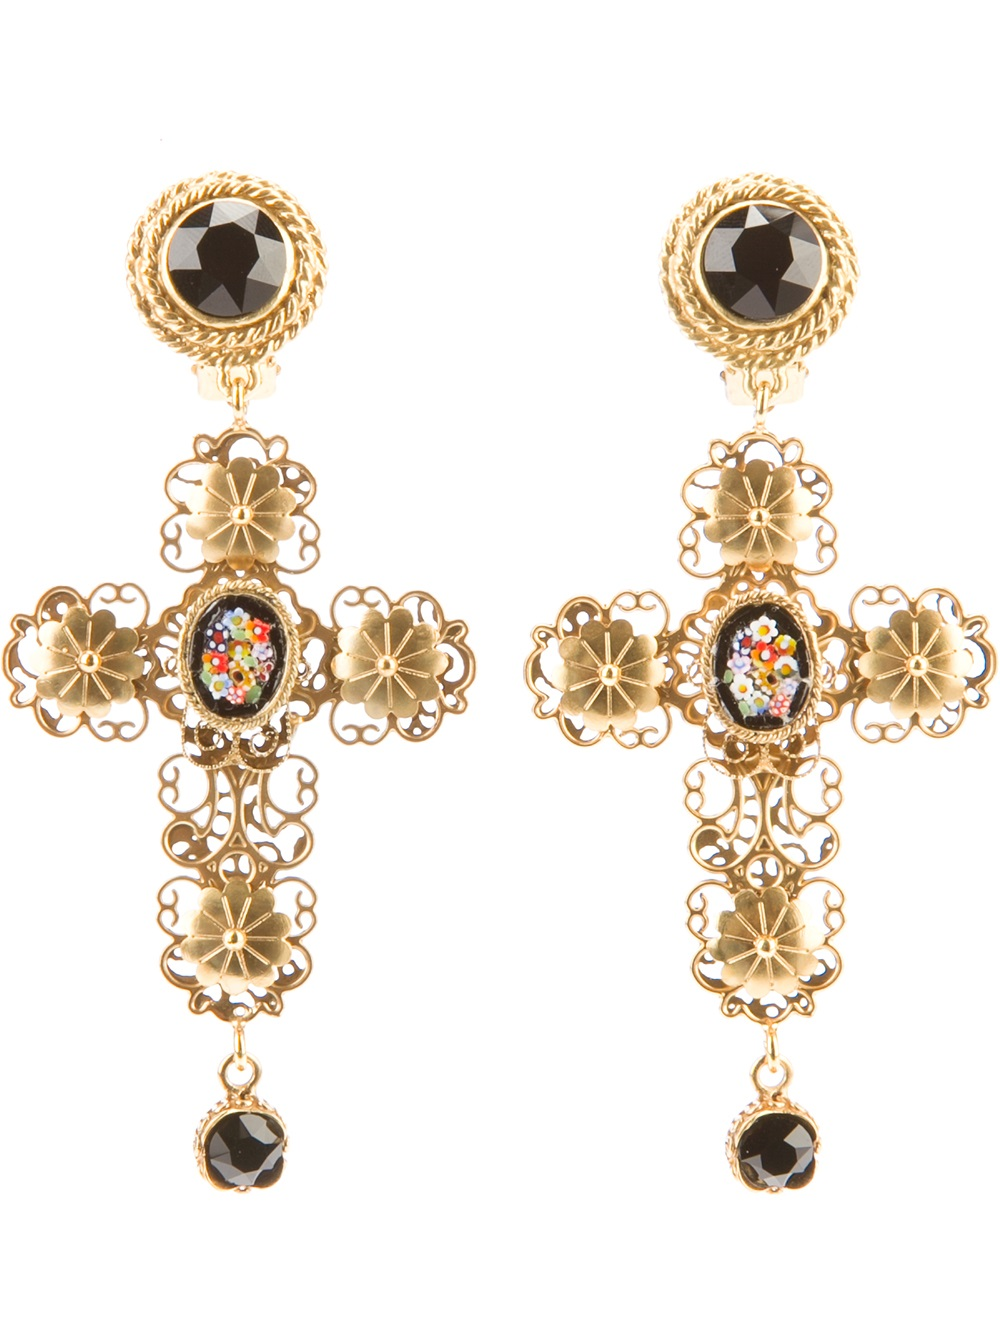 Dolce & Gabbana Cross Earrings in Gold